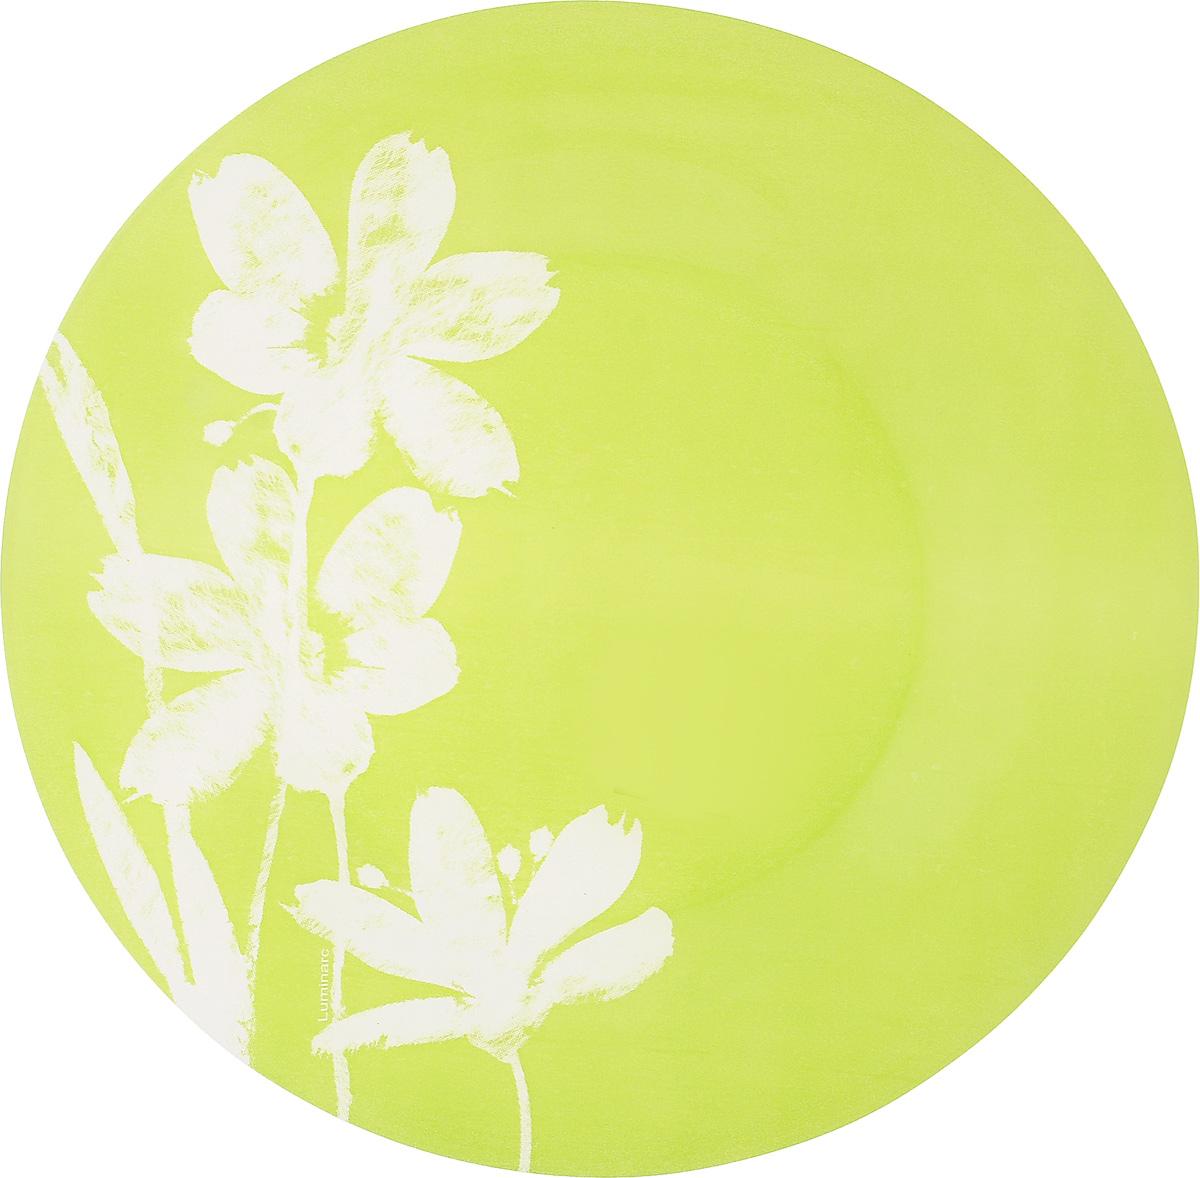 Тарелка десертная Luminarc Cotton Flower, 20 смL1520Десертная тарелка Luminarc Cotton Flower, изготовленная из ударопрочного стекла, имеет изысканный внешний вид. Такая тарелка прекрасно подходит как для торжественных случаев, так и для повседневного использования. Идеальна для подачи десертов, пирожных, тортов и многого другого. Она прекрасно оформит стол и станет отличным дополнением к вашей коллекции кухонной посуды. Диаметр тарелки (по верхнему краю): 20 см.